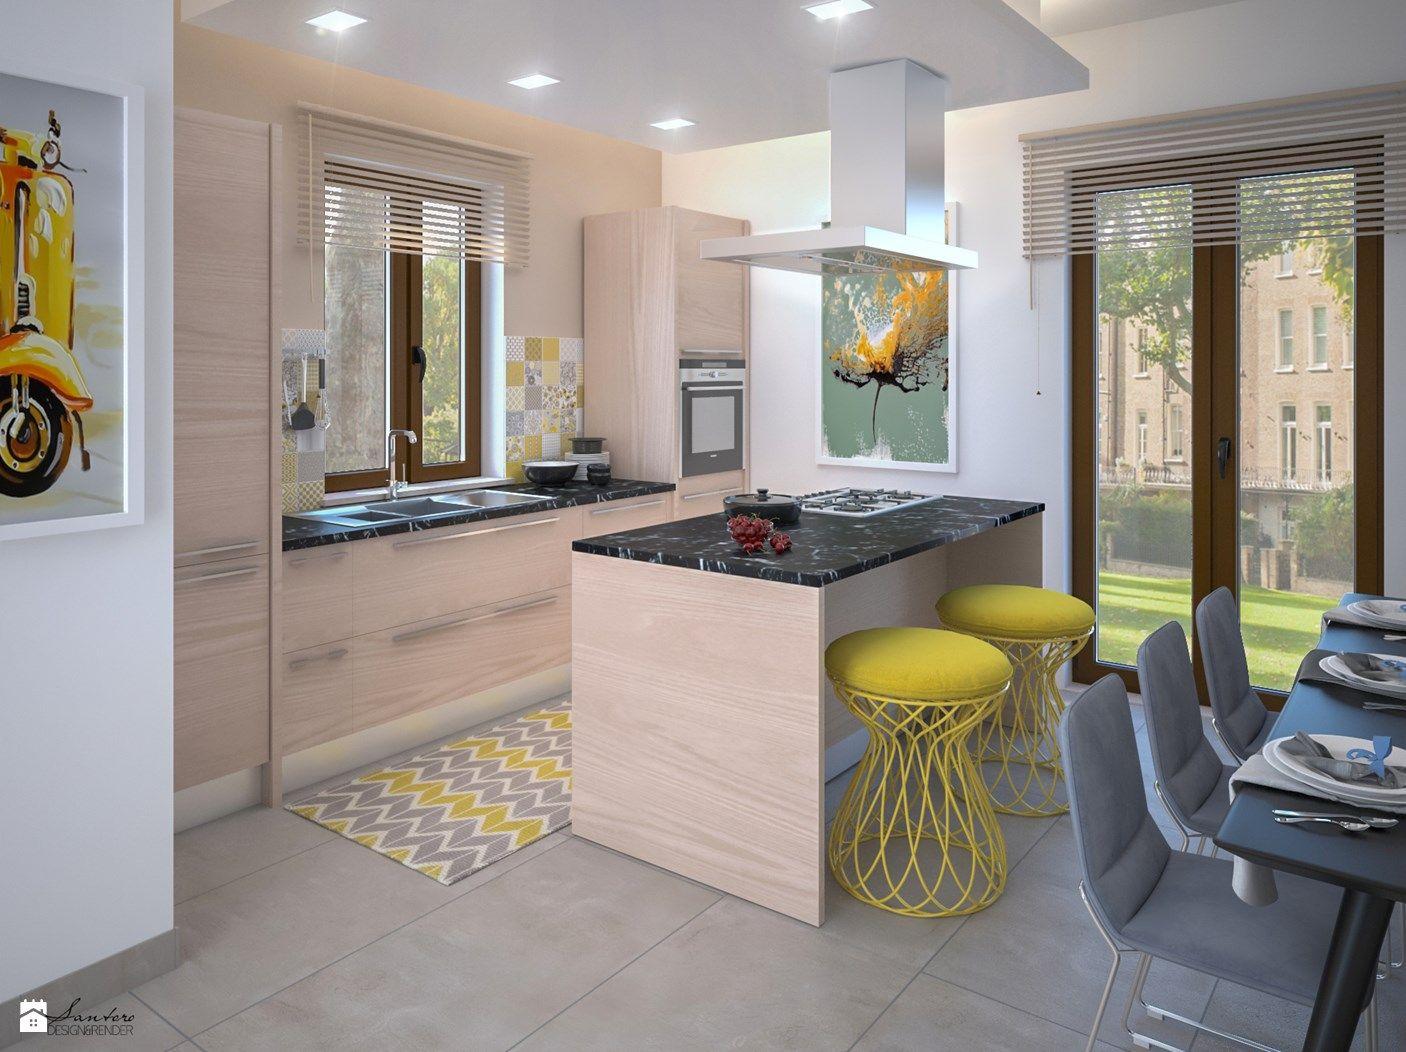 Cucina stile Moderno - pubblicato da Santoro Design Render ...